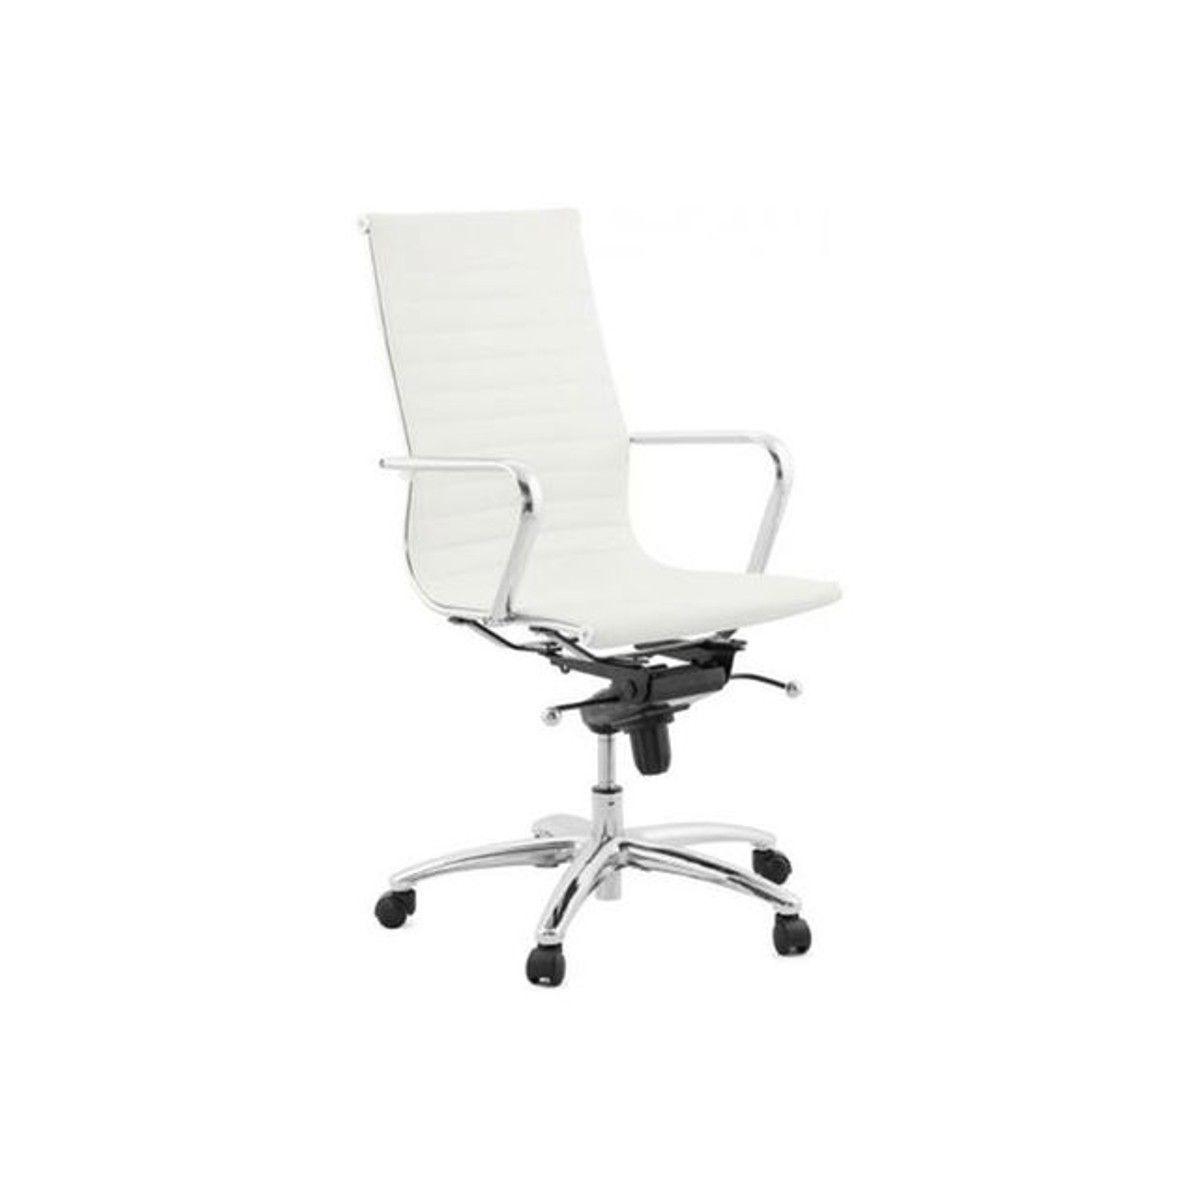 Chaise De Bureau Blanc Et Chrome Atal Taille Tu